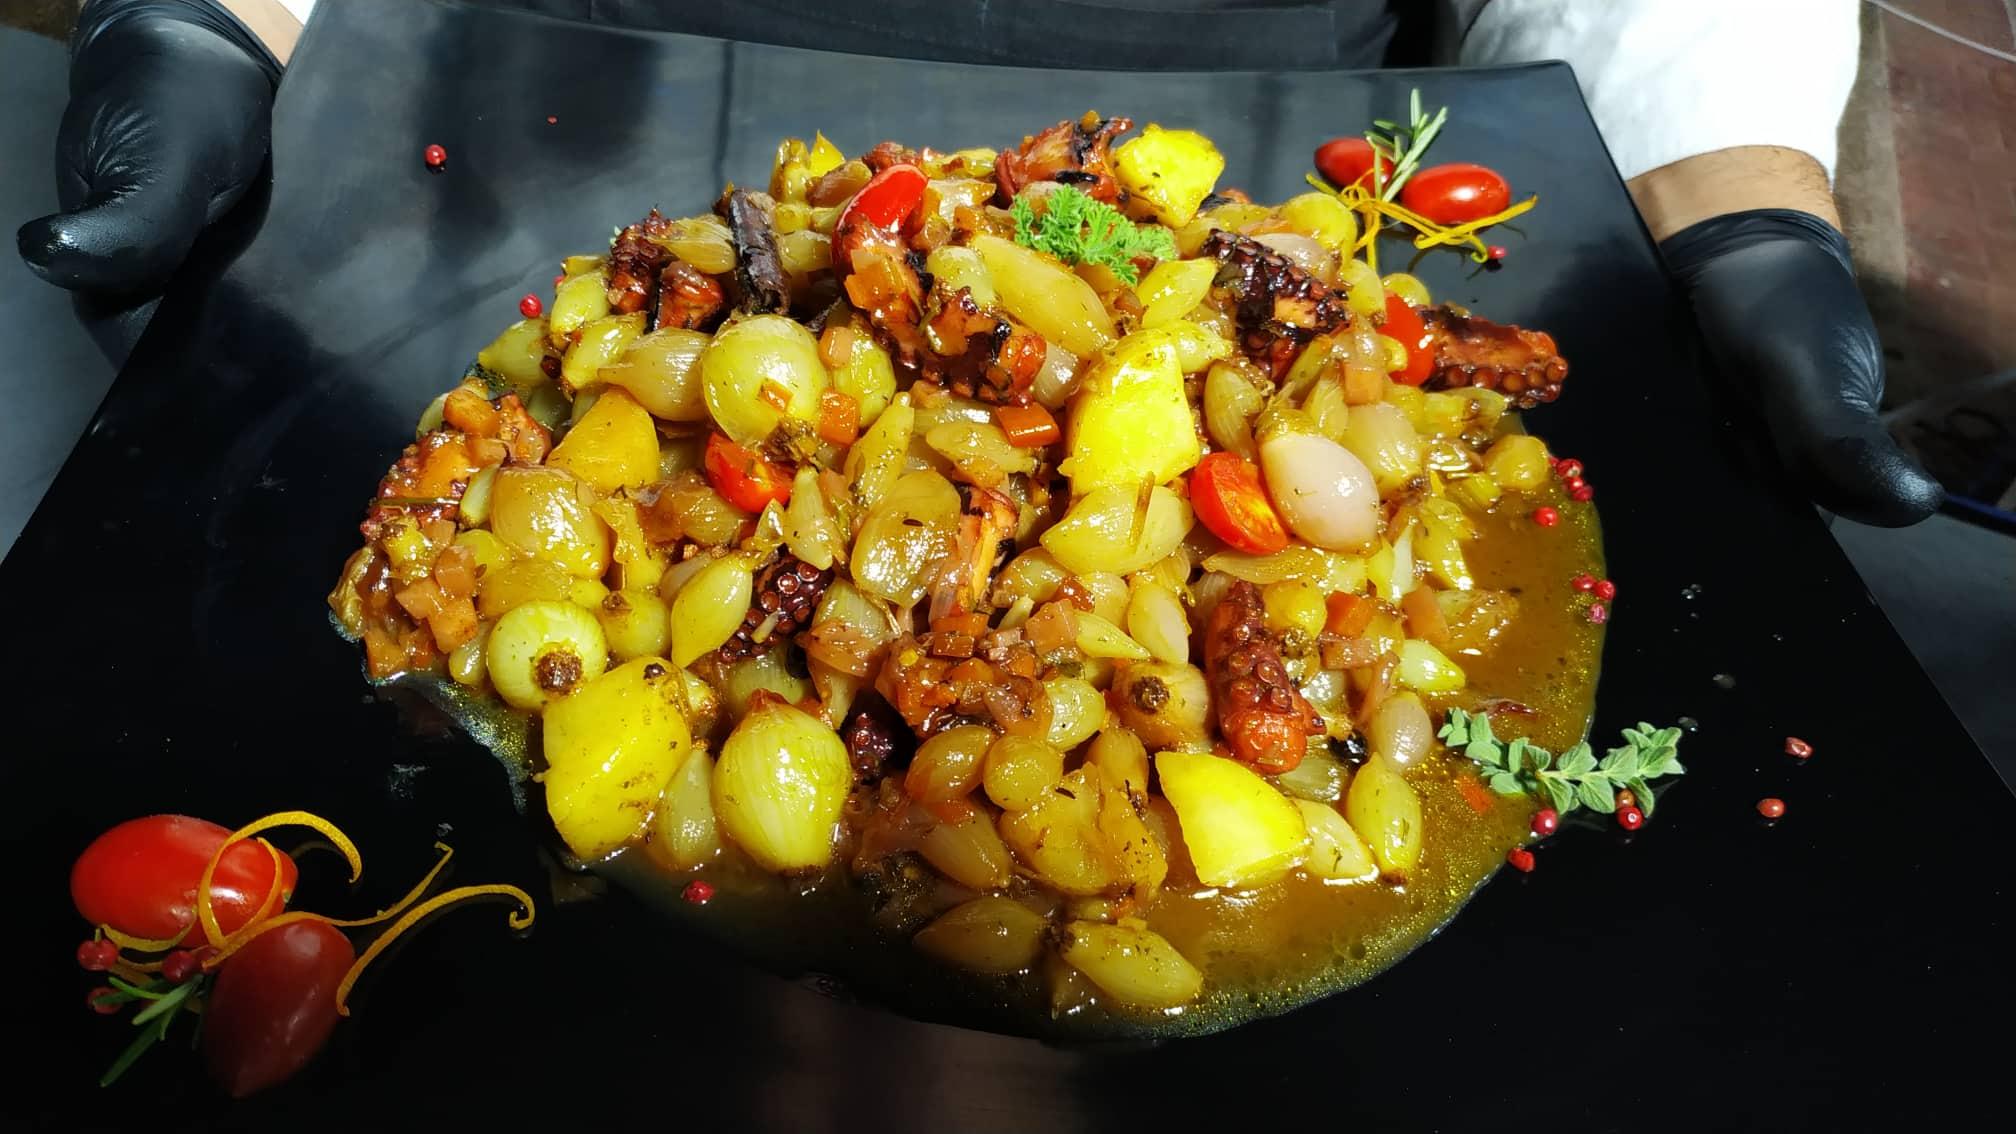 Το «Πυροφάνι του Πειραιά» φέρνει γεύσεις από τη θάλασσα στην πόρτα σου